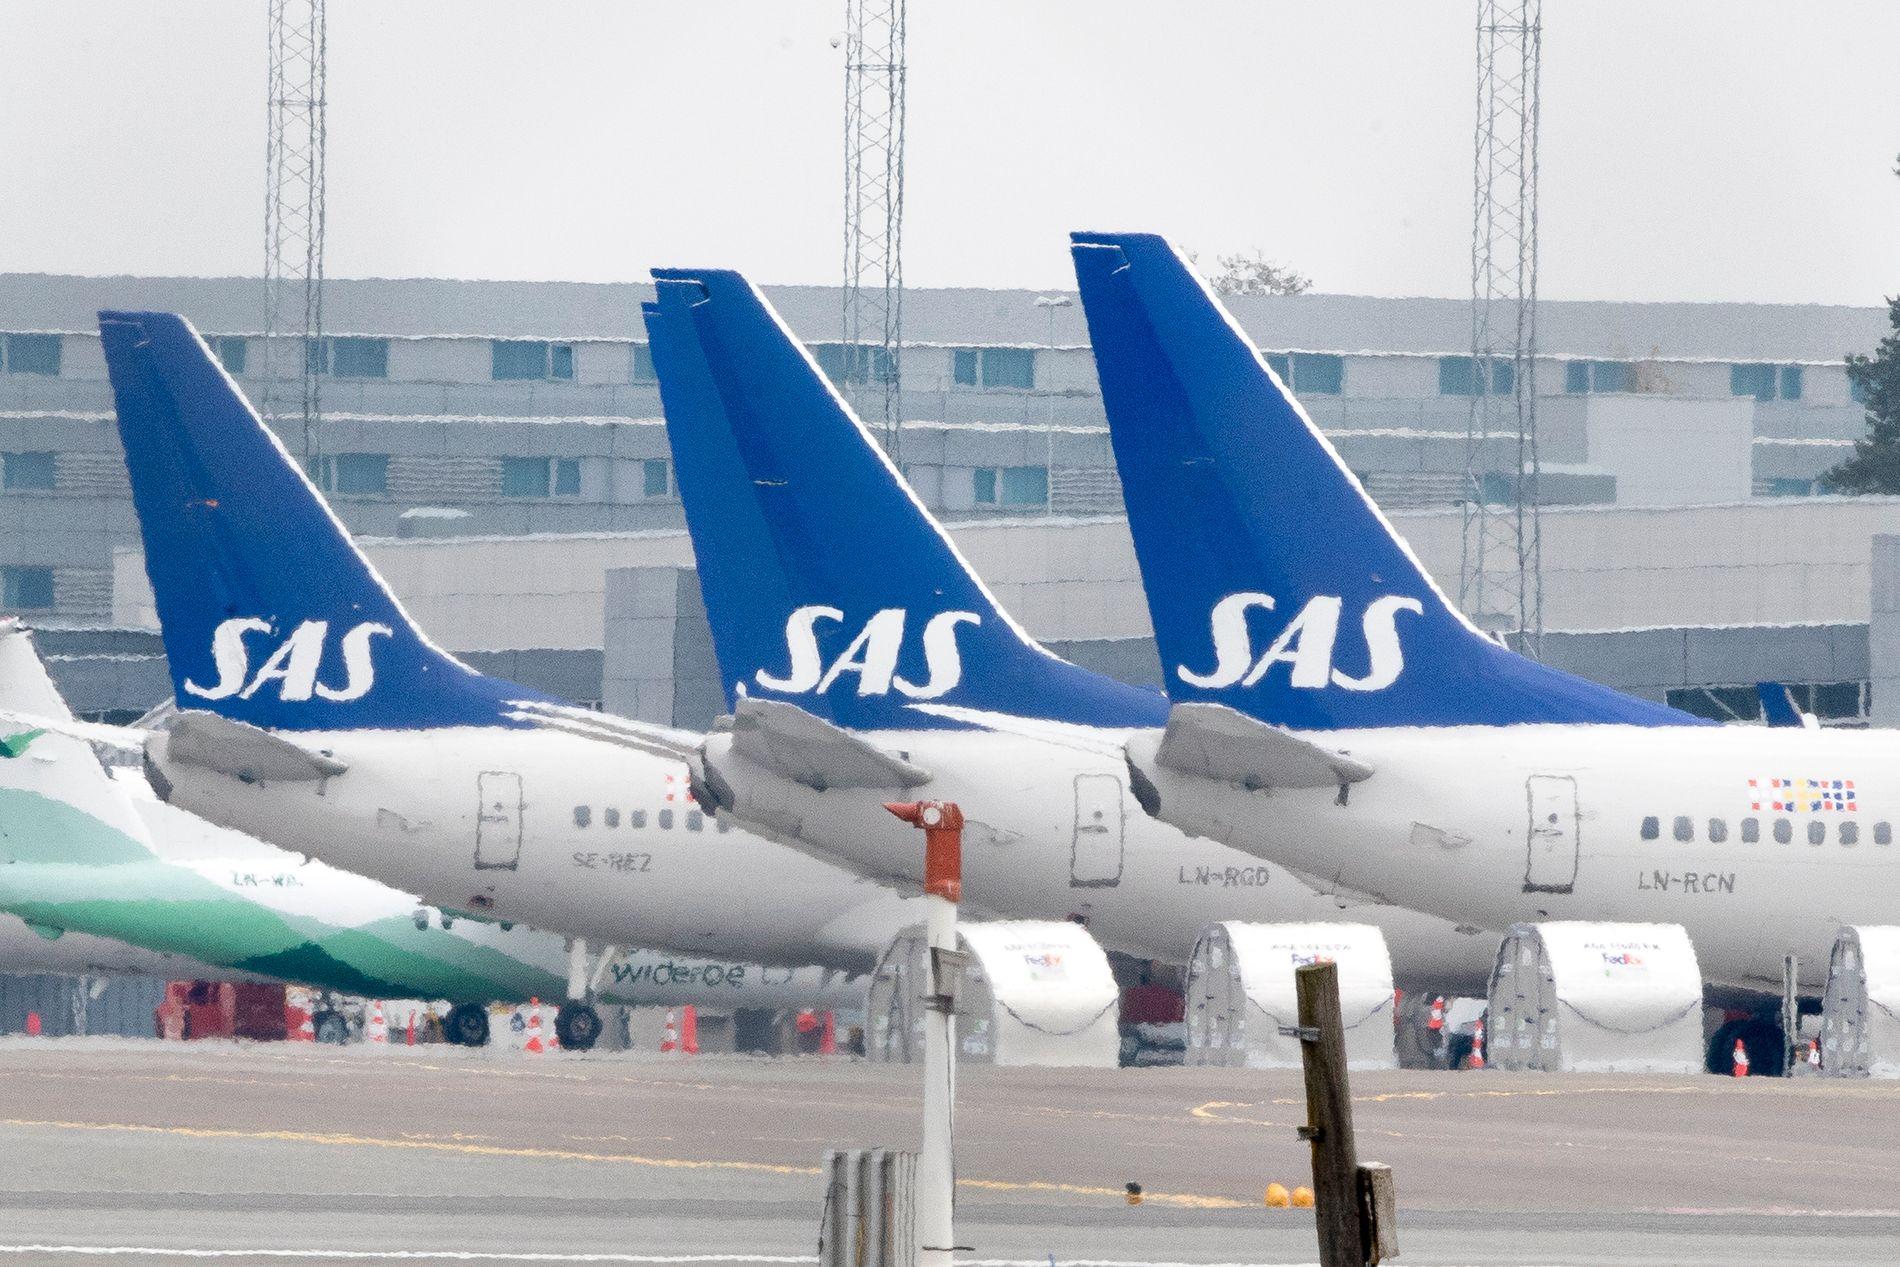 SAS åpner 14 nye ruter fra Skandinavia i sommerprogrammet